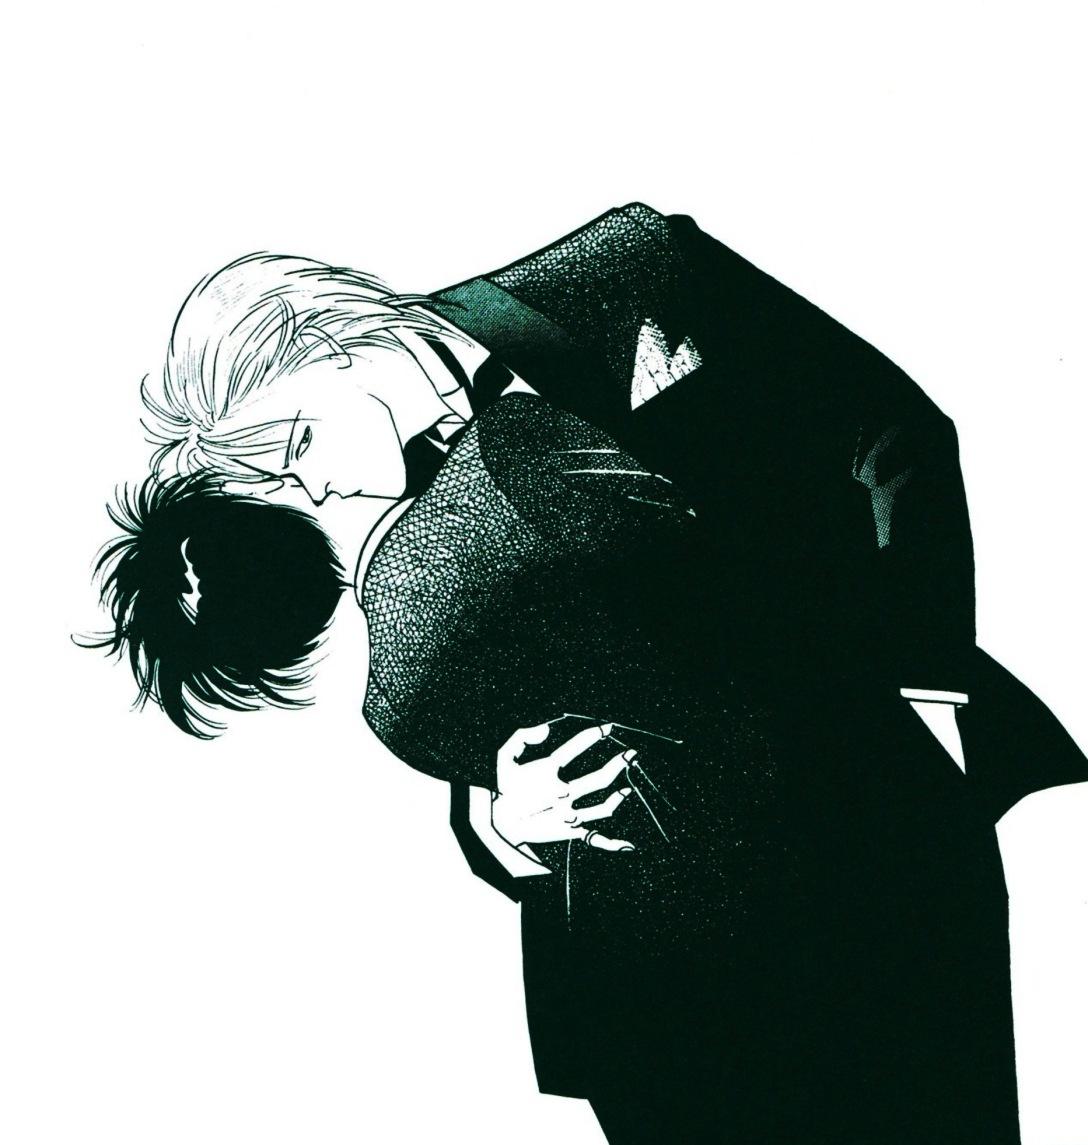 kiss in tuxedo